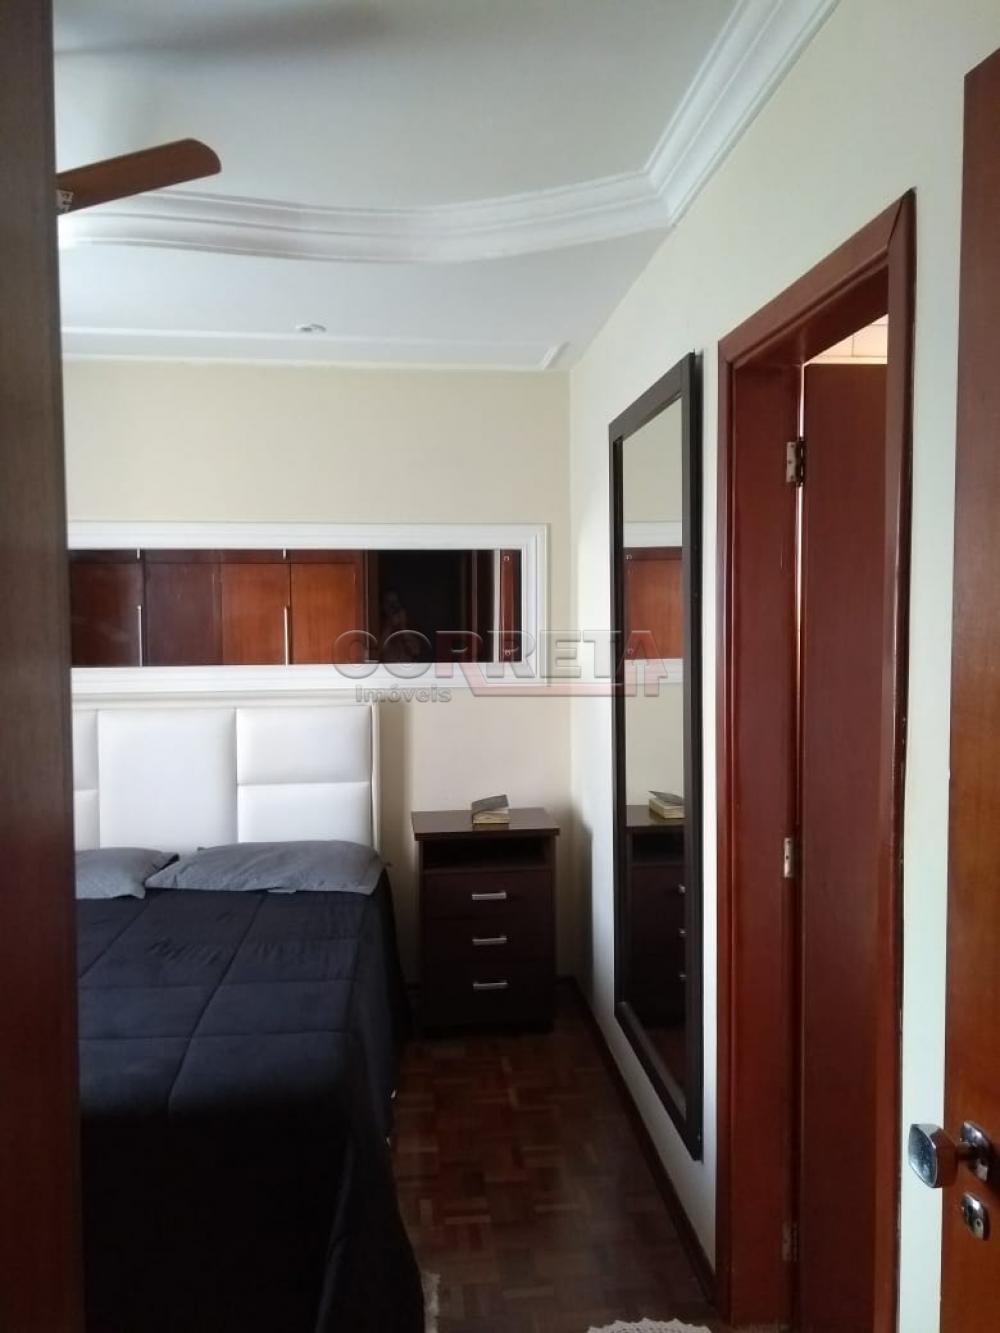 Comprar Apartamento / Padrão em Araçatuba apenas R$ 290.000,00 - Foto 4